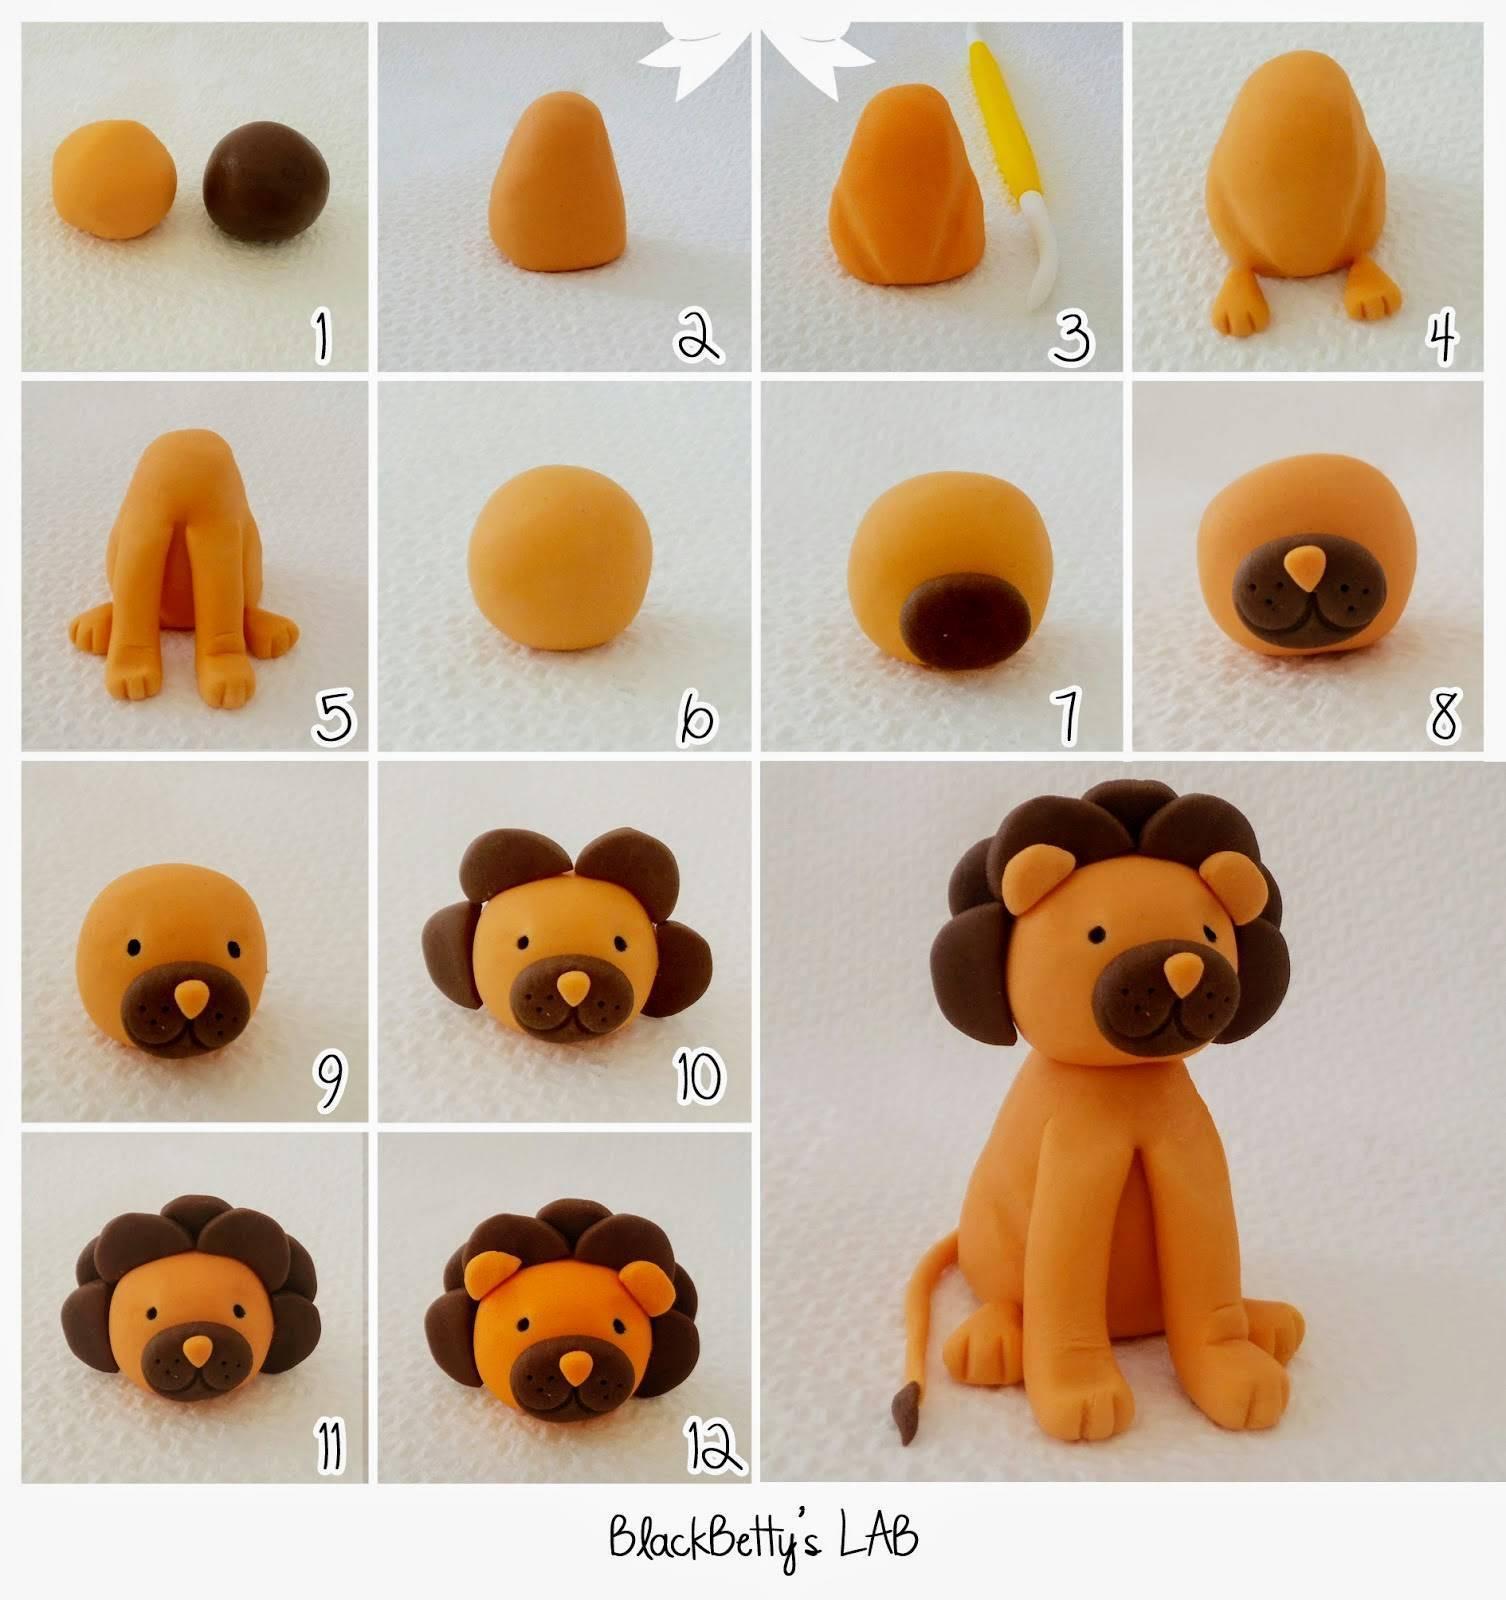 Лепка из пластилина для детей 2 — 4 лет — коробочка идей и мастер-классов